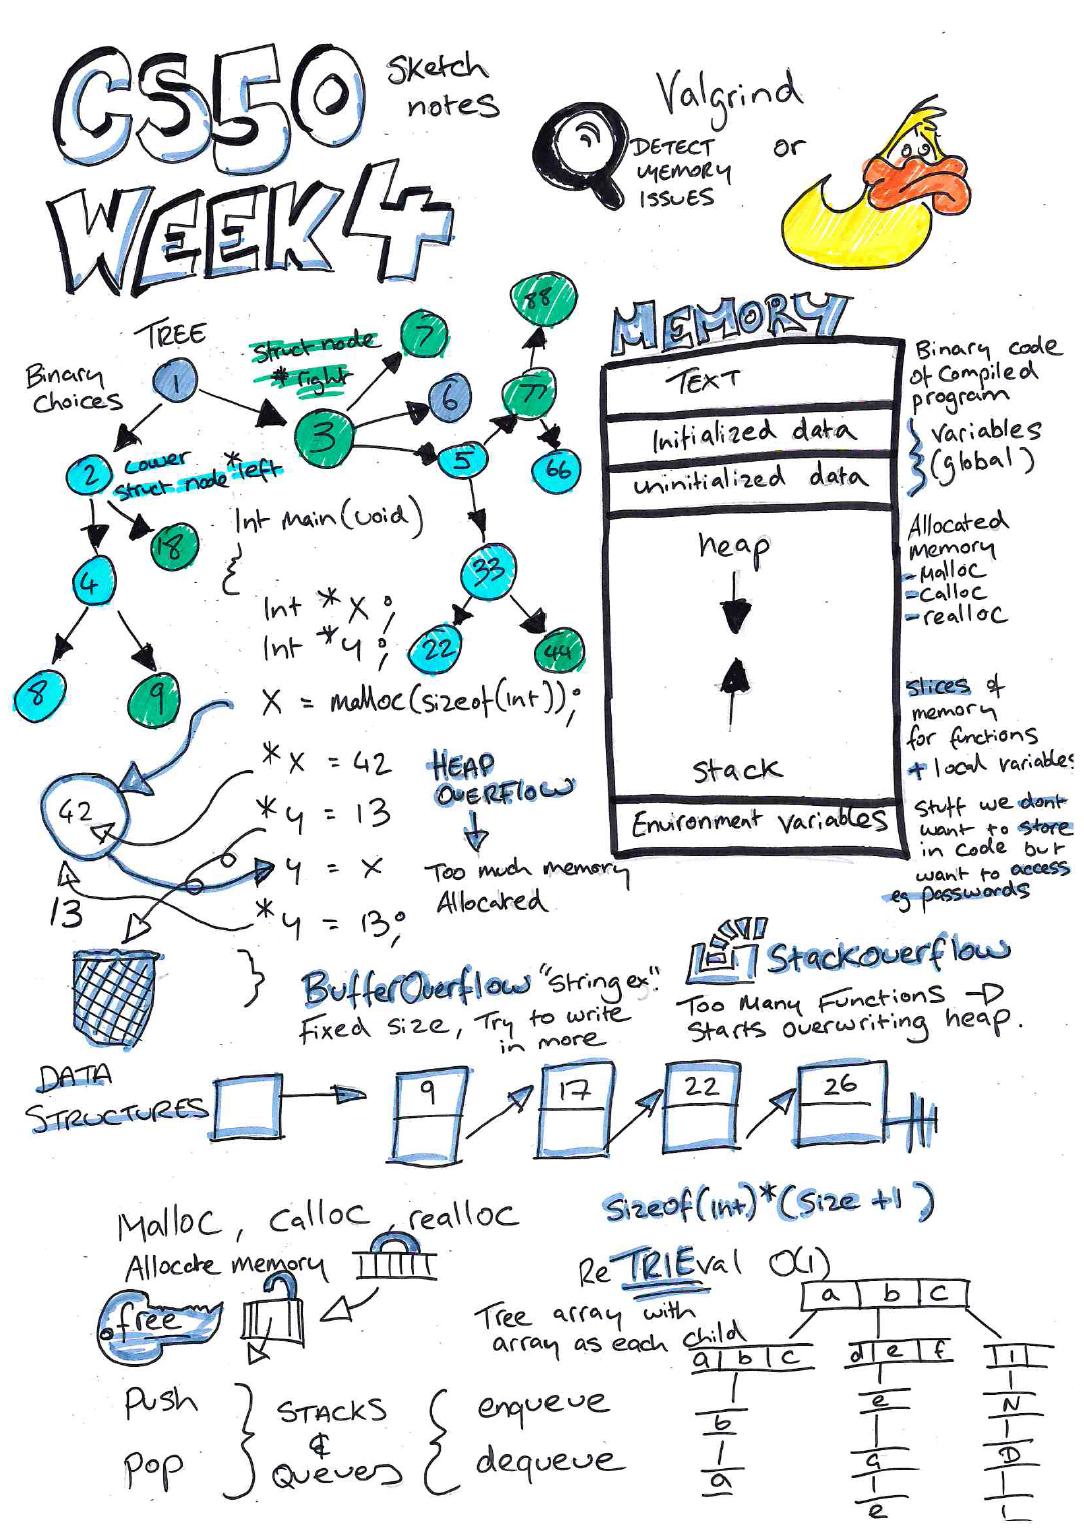 CS50 week 4